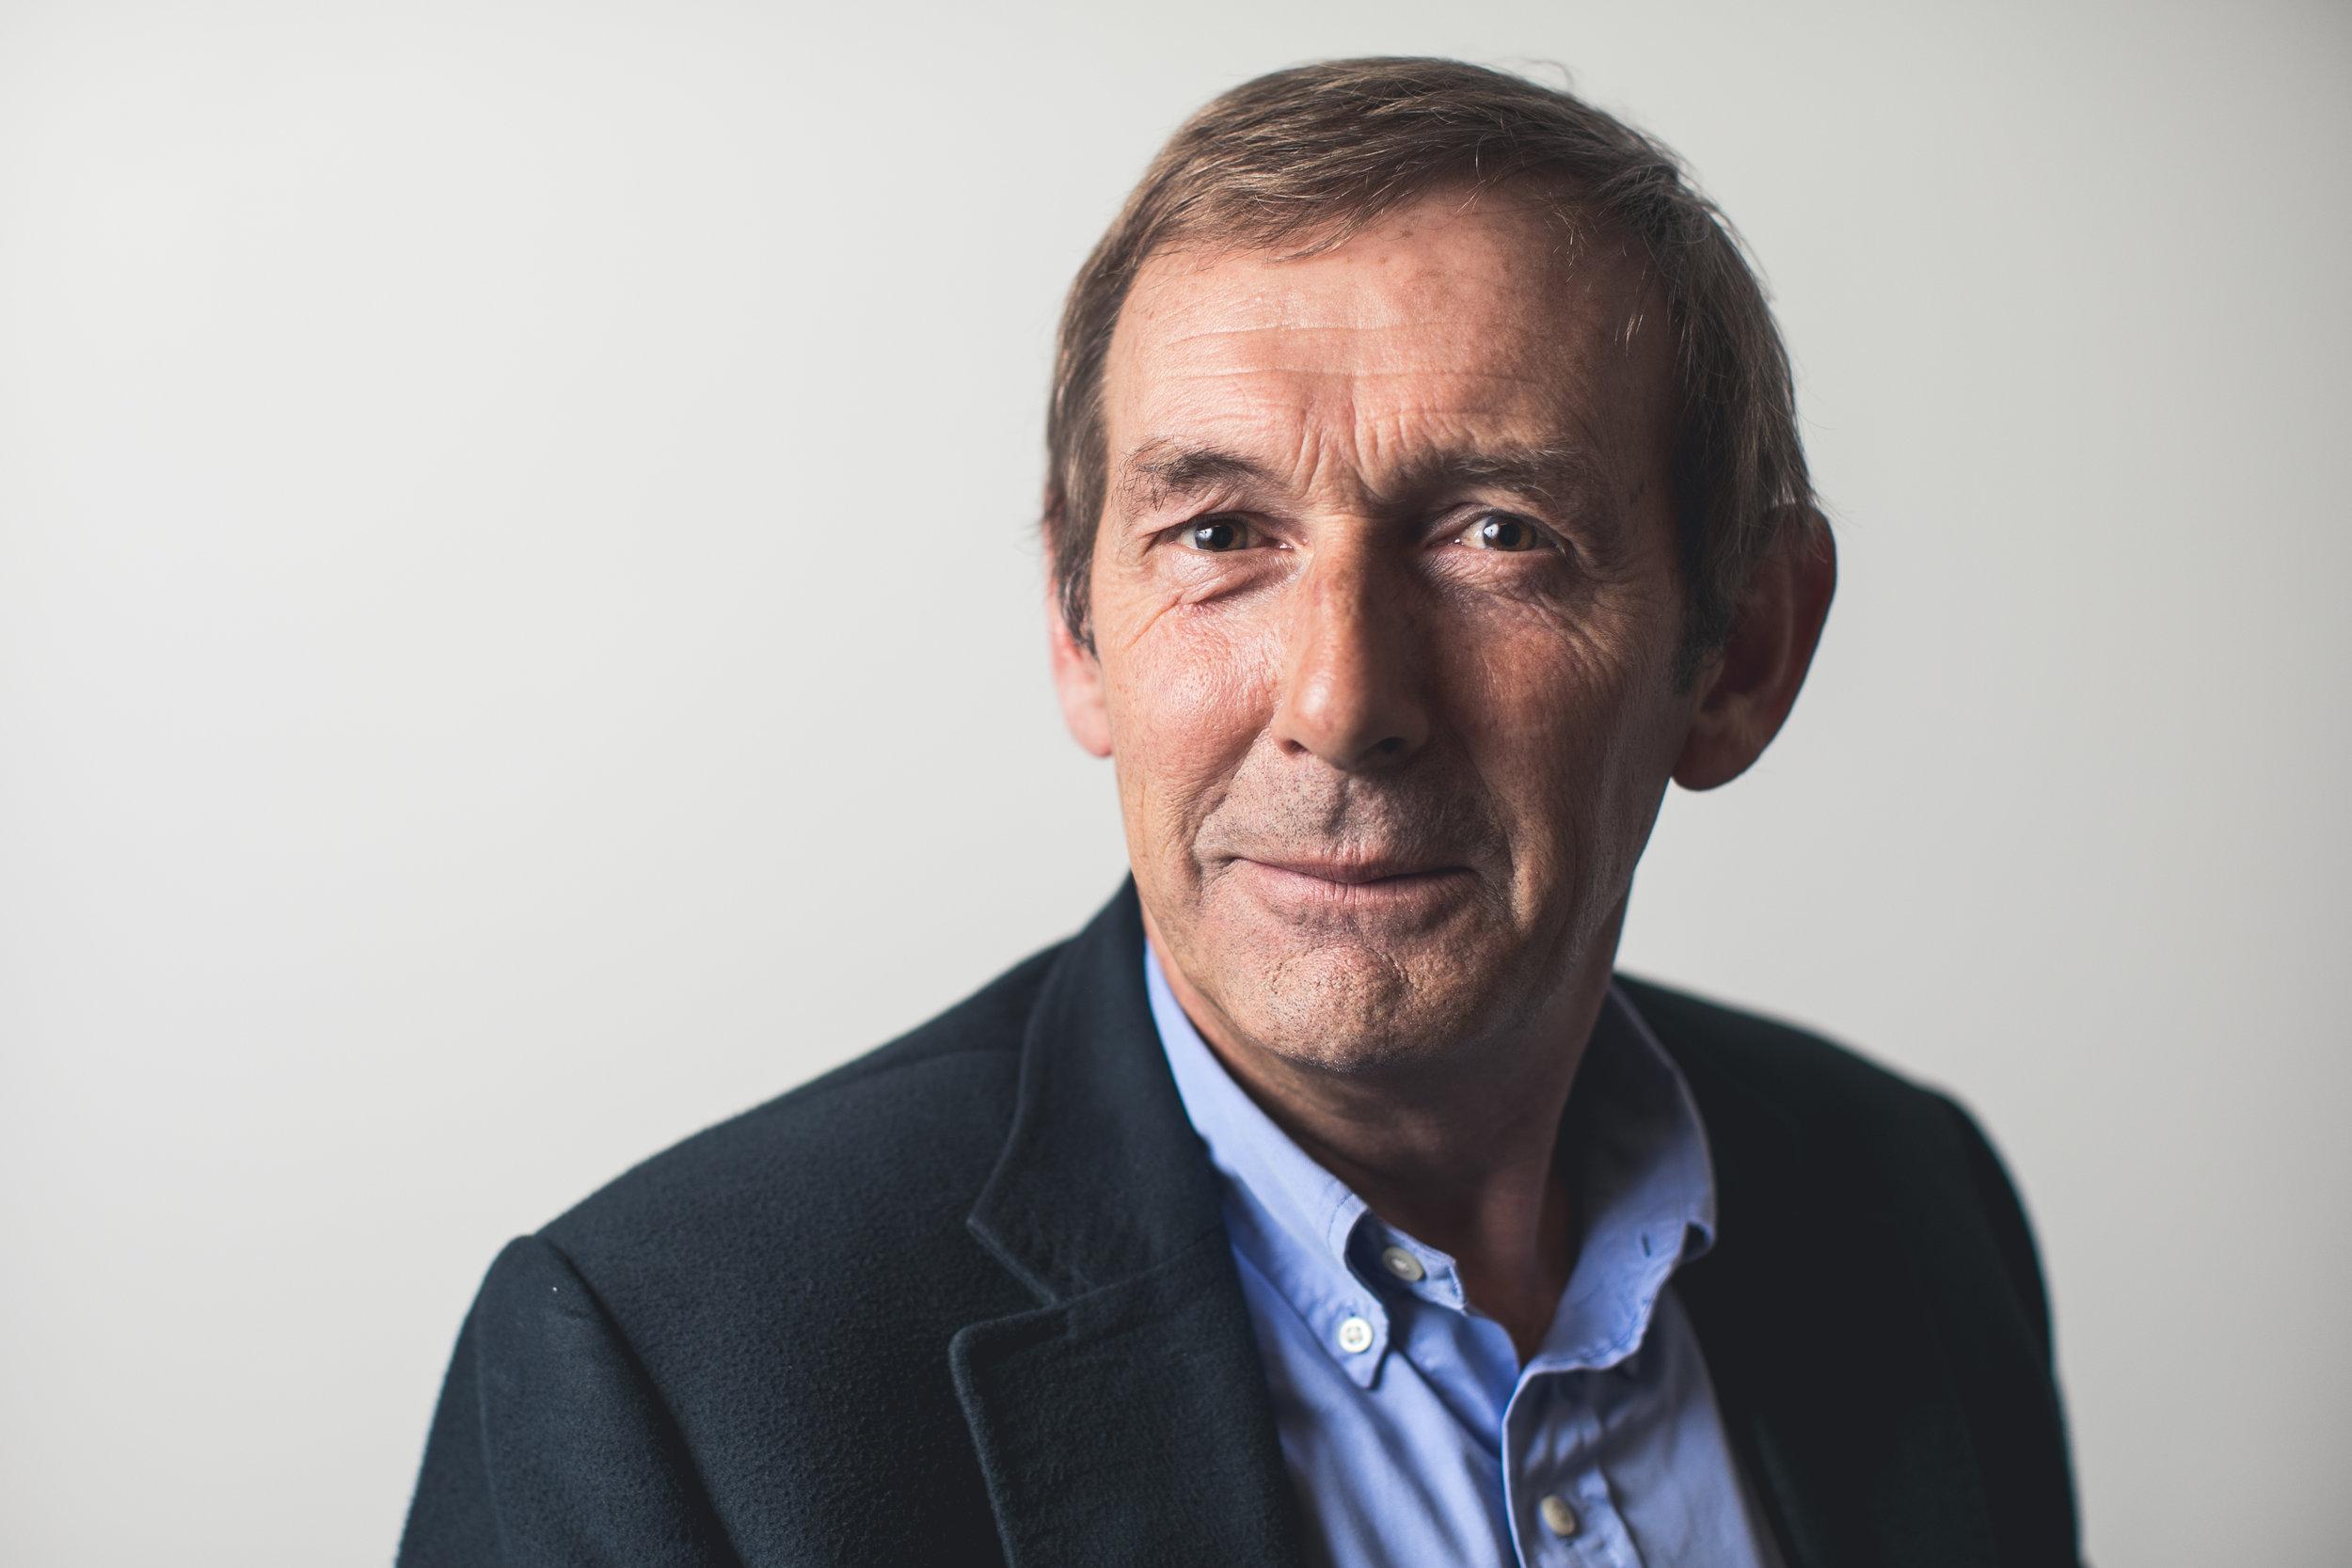 Specialisatie: knie, schouder, sportletsels - Dr. Johan Hens studeerde geneeskunde aan de KU Leuven en behaalde zijn erkenning in 1988.Hij deed bijkomende opleidingen in de knie- en schouderchirurgie in Dublin (Ierland) en Exeter (UK).Dr. Hens is sinds 1988 werkzaam in als orthopedisch chirurg in Sint-Niklaas. Hij was voorzitter van de medische raad van het AZ Waasland van 2005 tot 2008. Hij is gespecialiseerd in knie- en schouderpathologie en de behandeling van sportletsels.Dr. Hens is lid van de BVOT (Belgische Vereniging voor Orthopedie en Traumatologie) en stichtend lid van de BLESS (Belgian Elbow and Shoulder Surgeons Society).